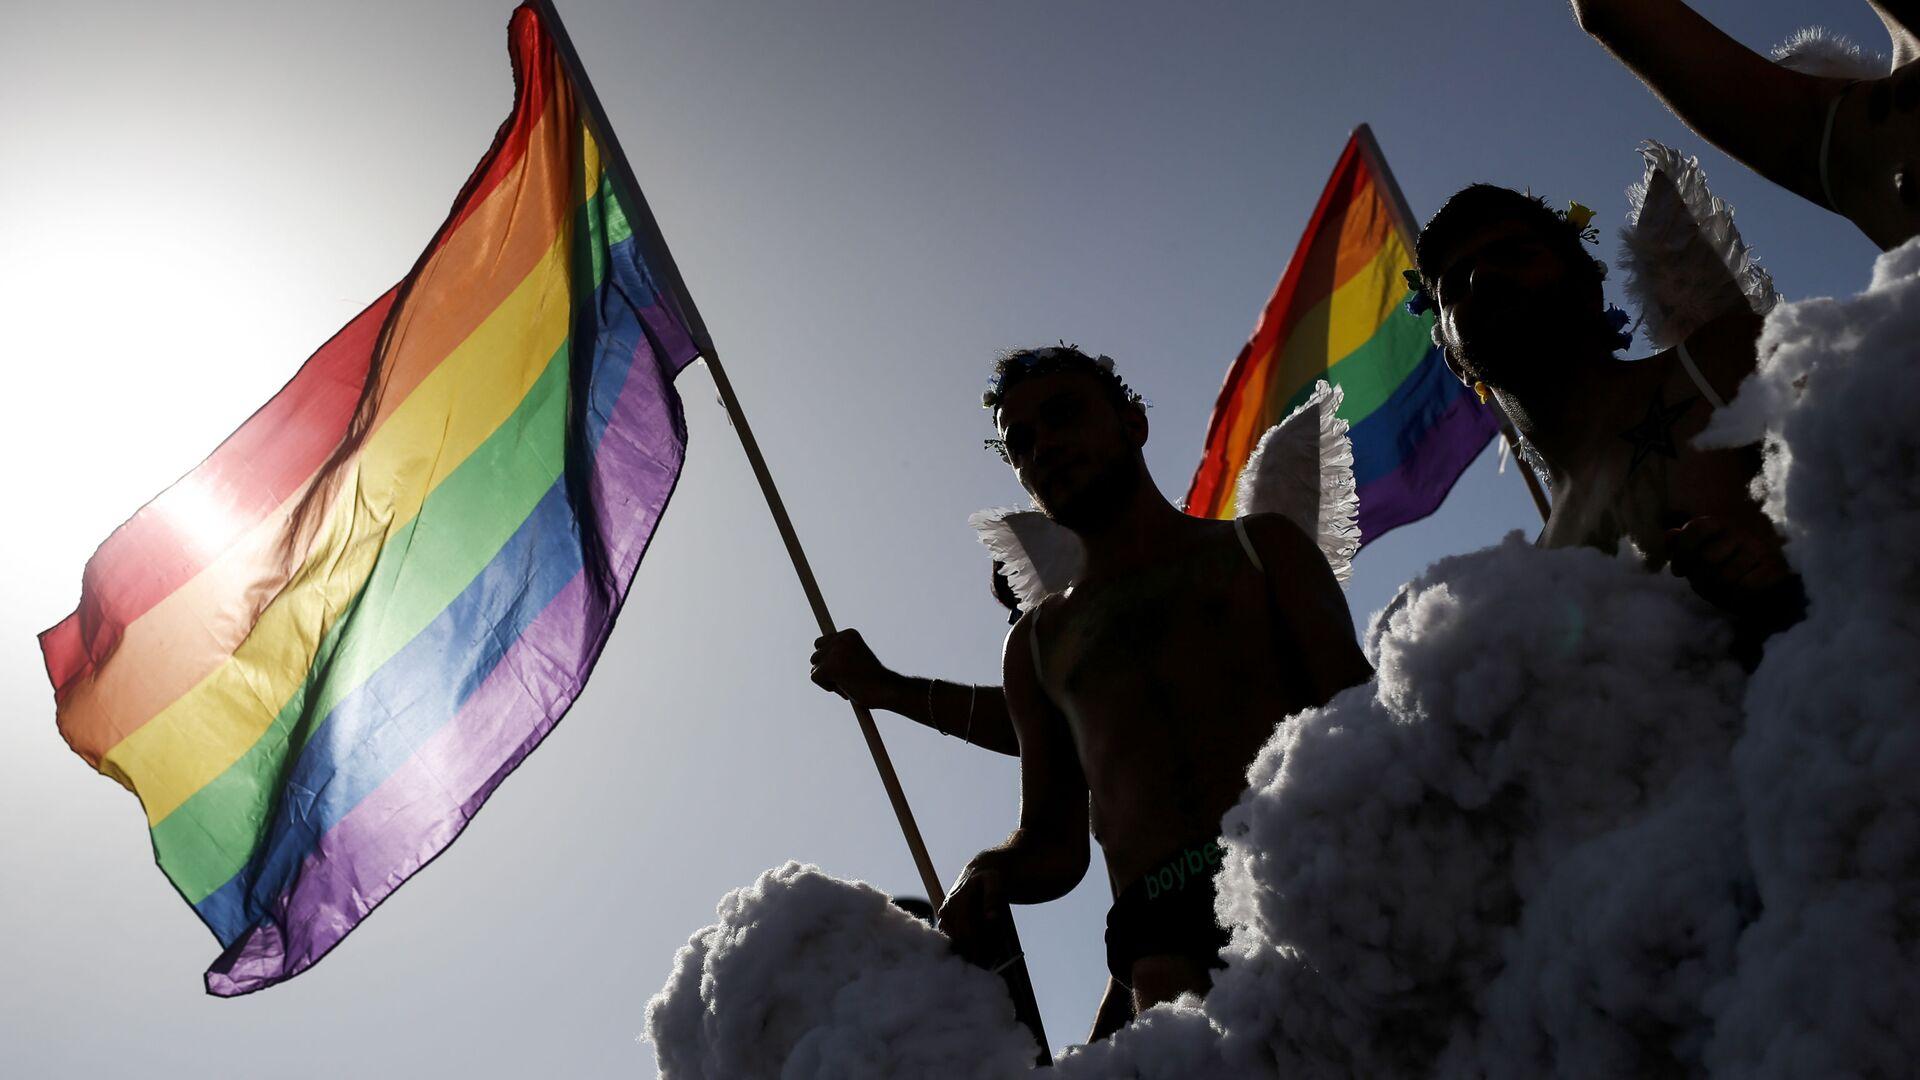 Účastníci pochodu LGBT v Španělsku. Ilustrační foto - Sputnik Česká republika, 1920, 25.02.2021